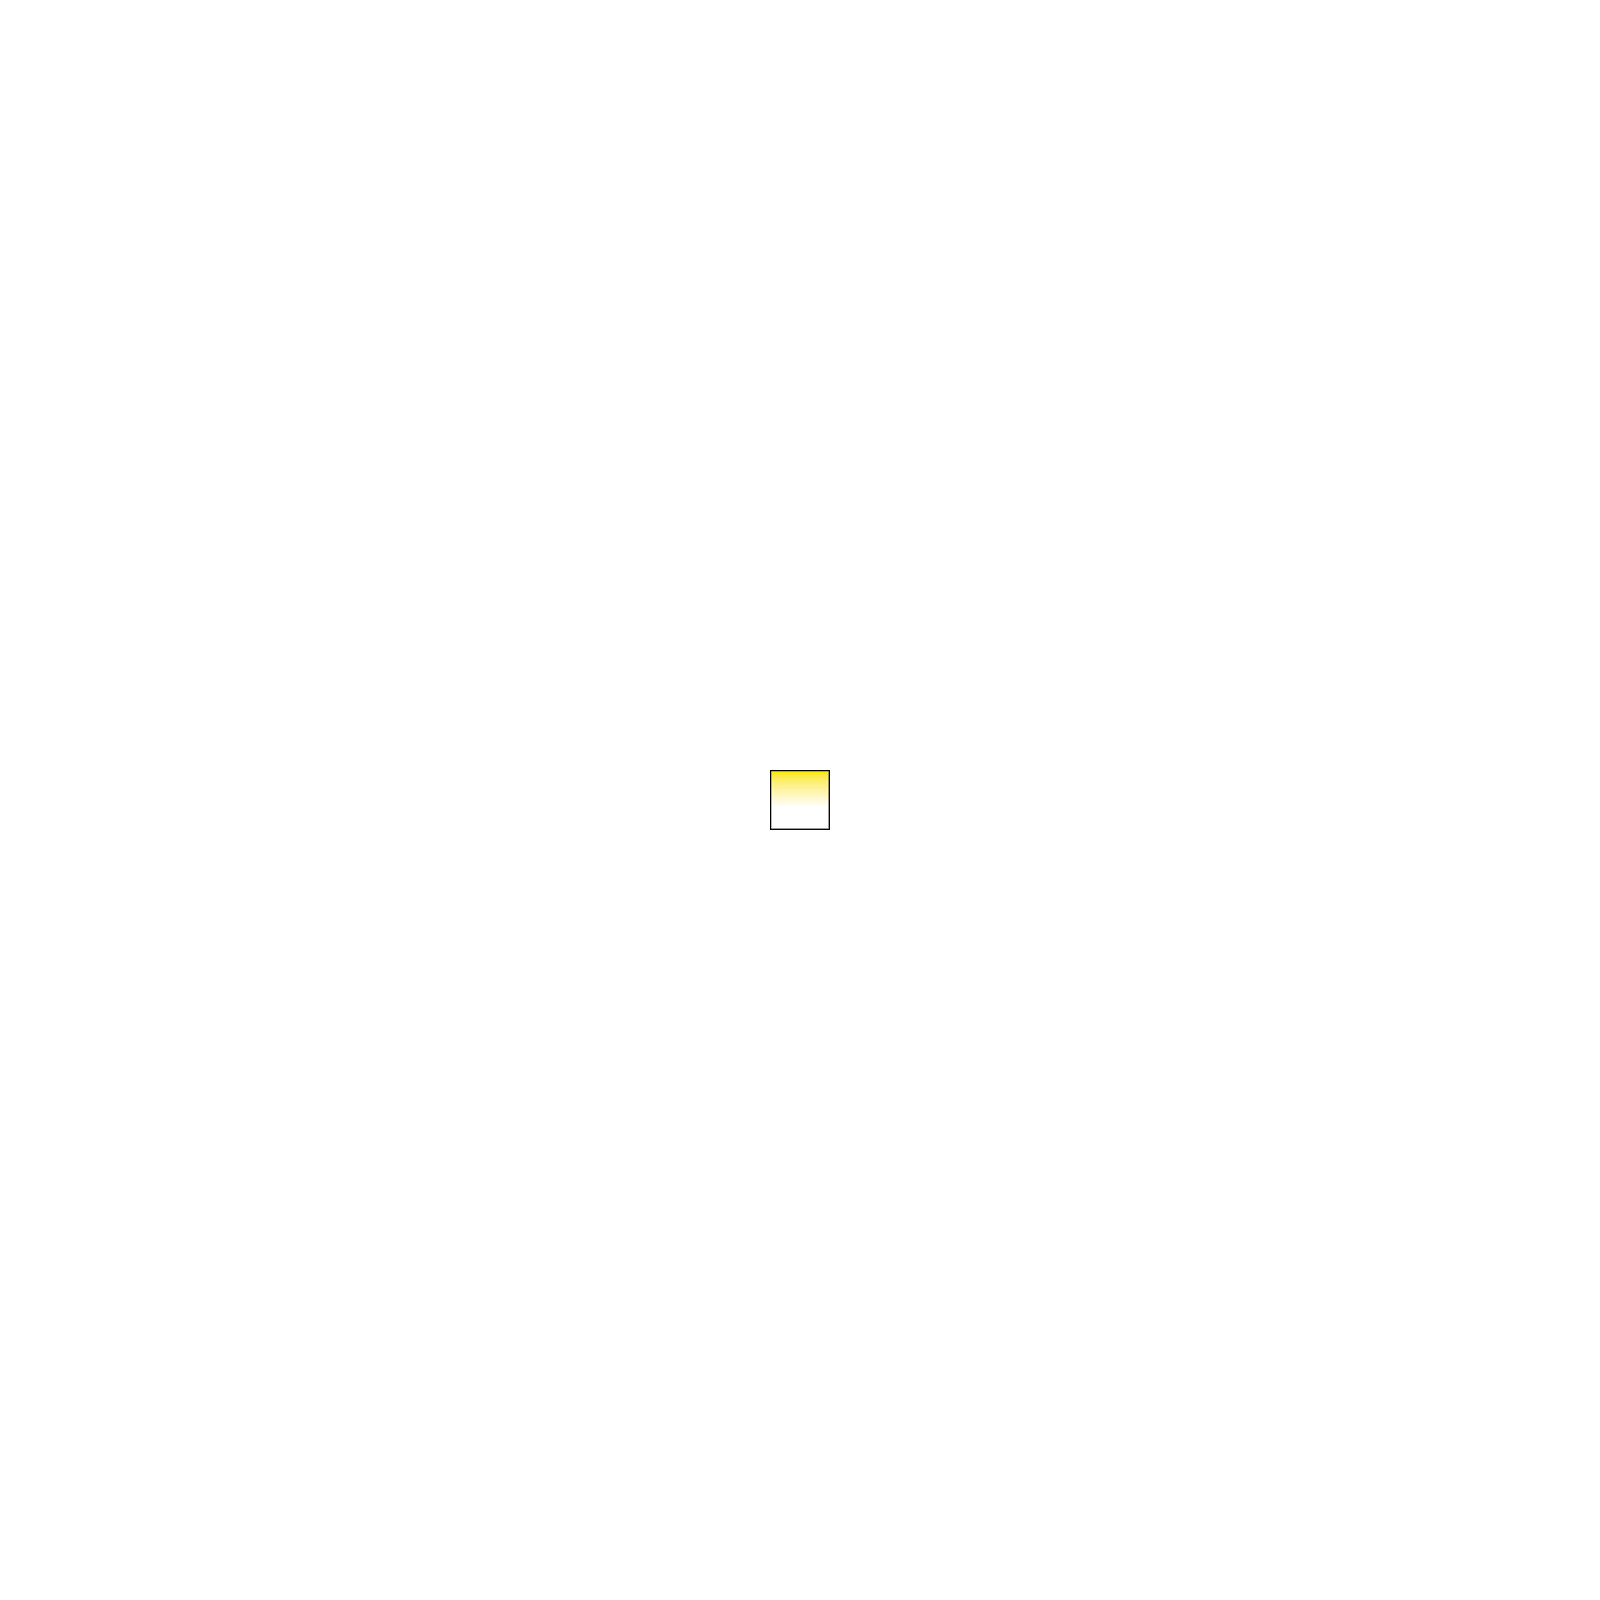 Cokin P660 Verlauf leuchtend Gelb 1